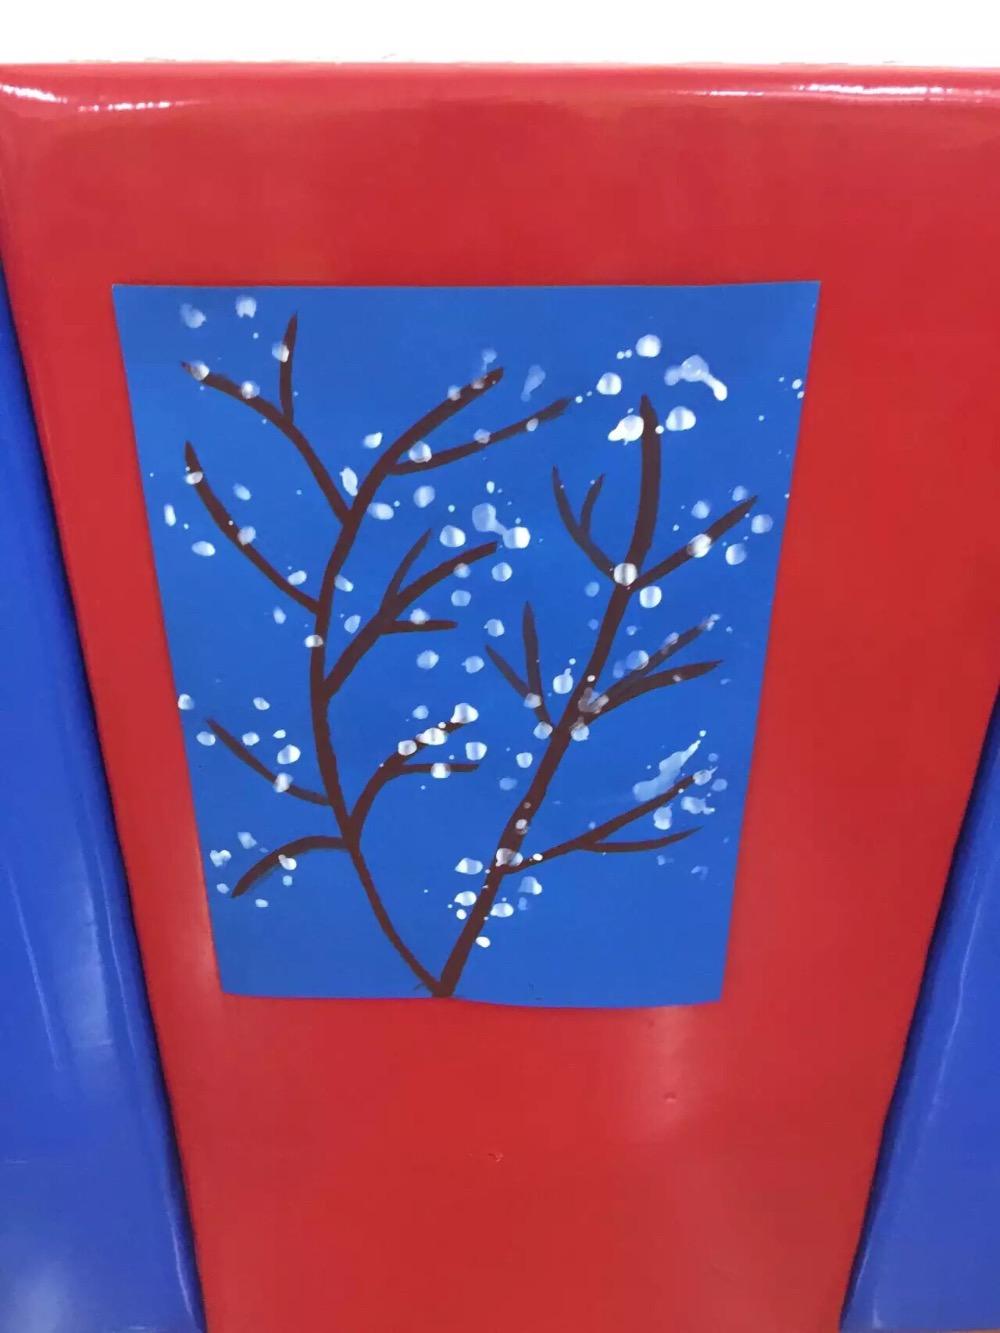 创意拓印画__幼儿园水粉水墨画绘画_幼儿园绘画_师乐汇